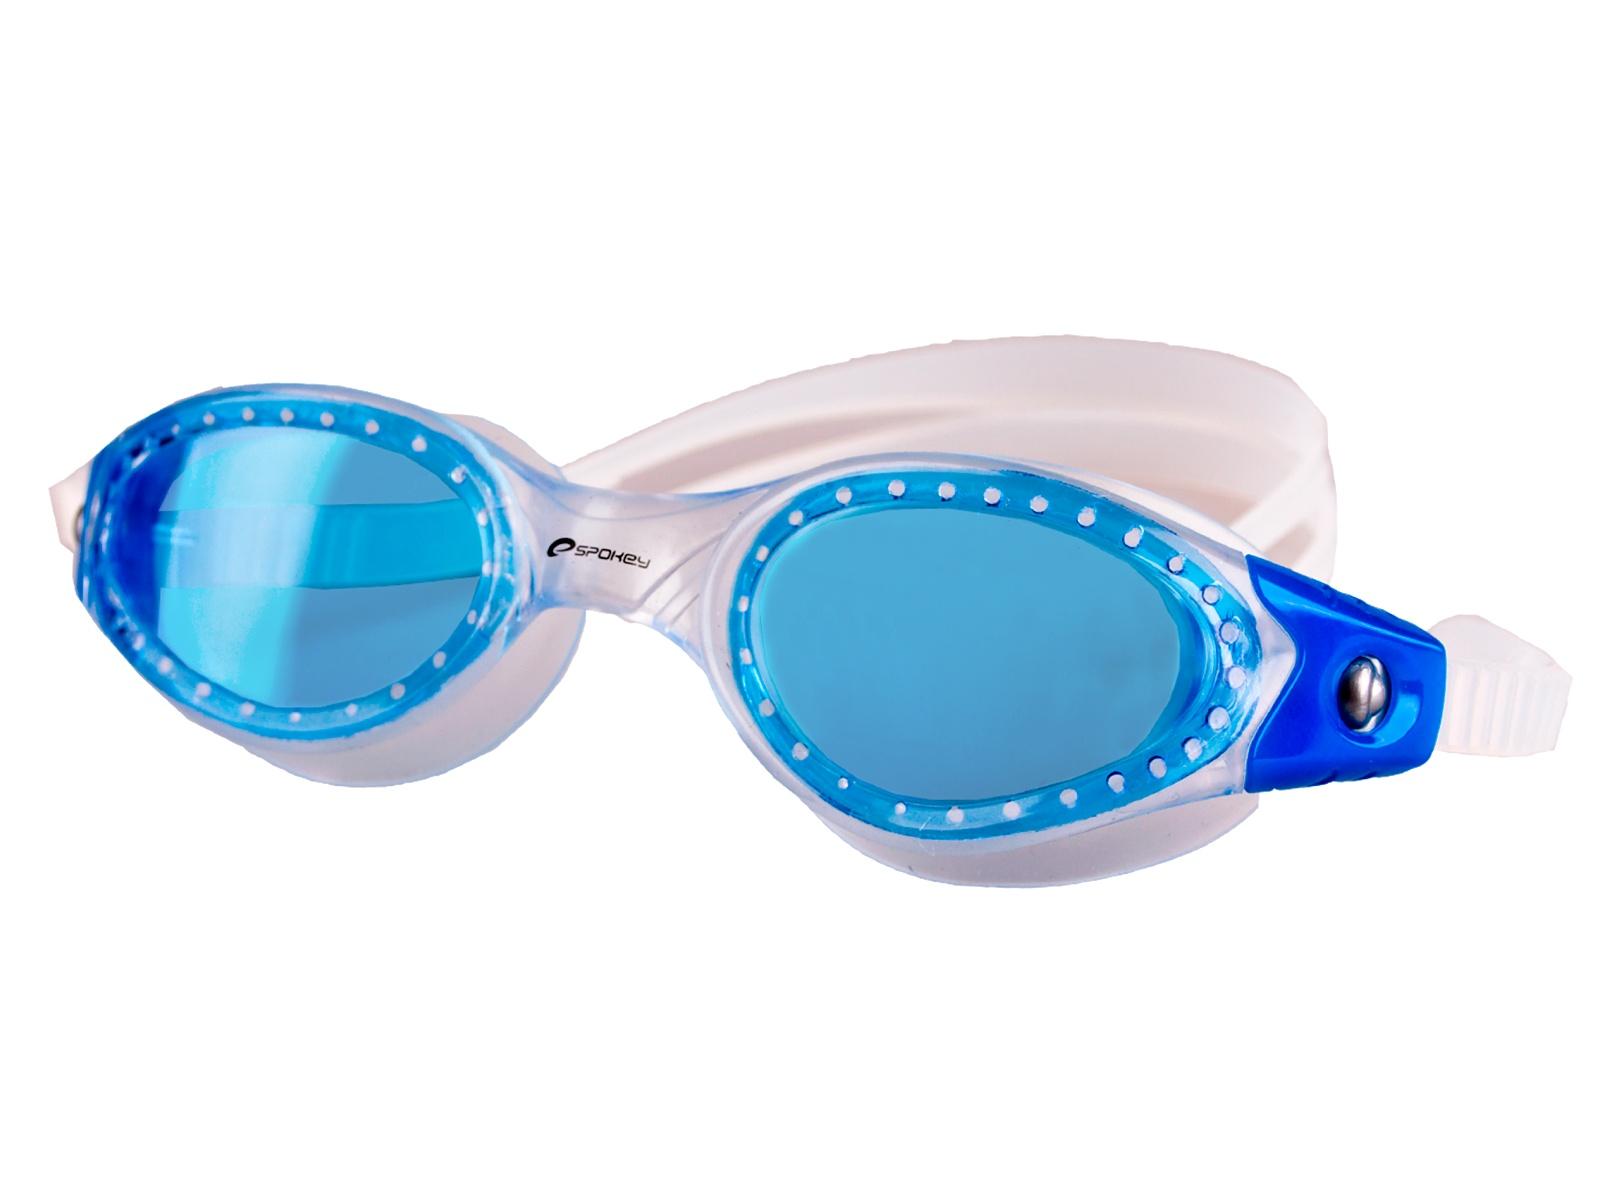 Plavecké brýle SPOKEY Fiteye - modré